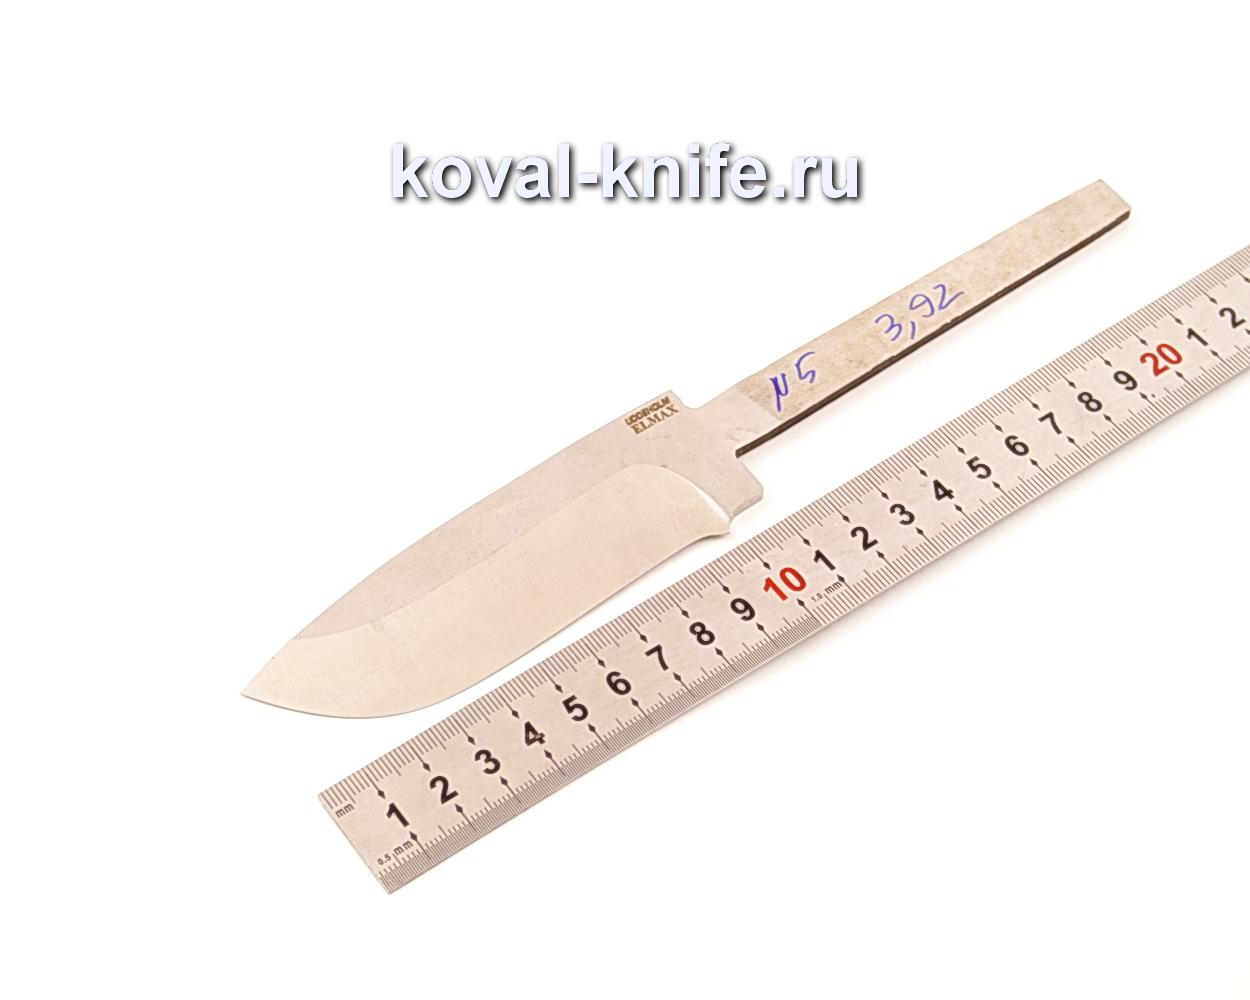 Клинок для ножа из порошковой стали Elmax N5